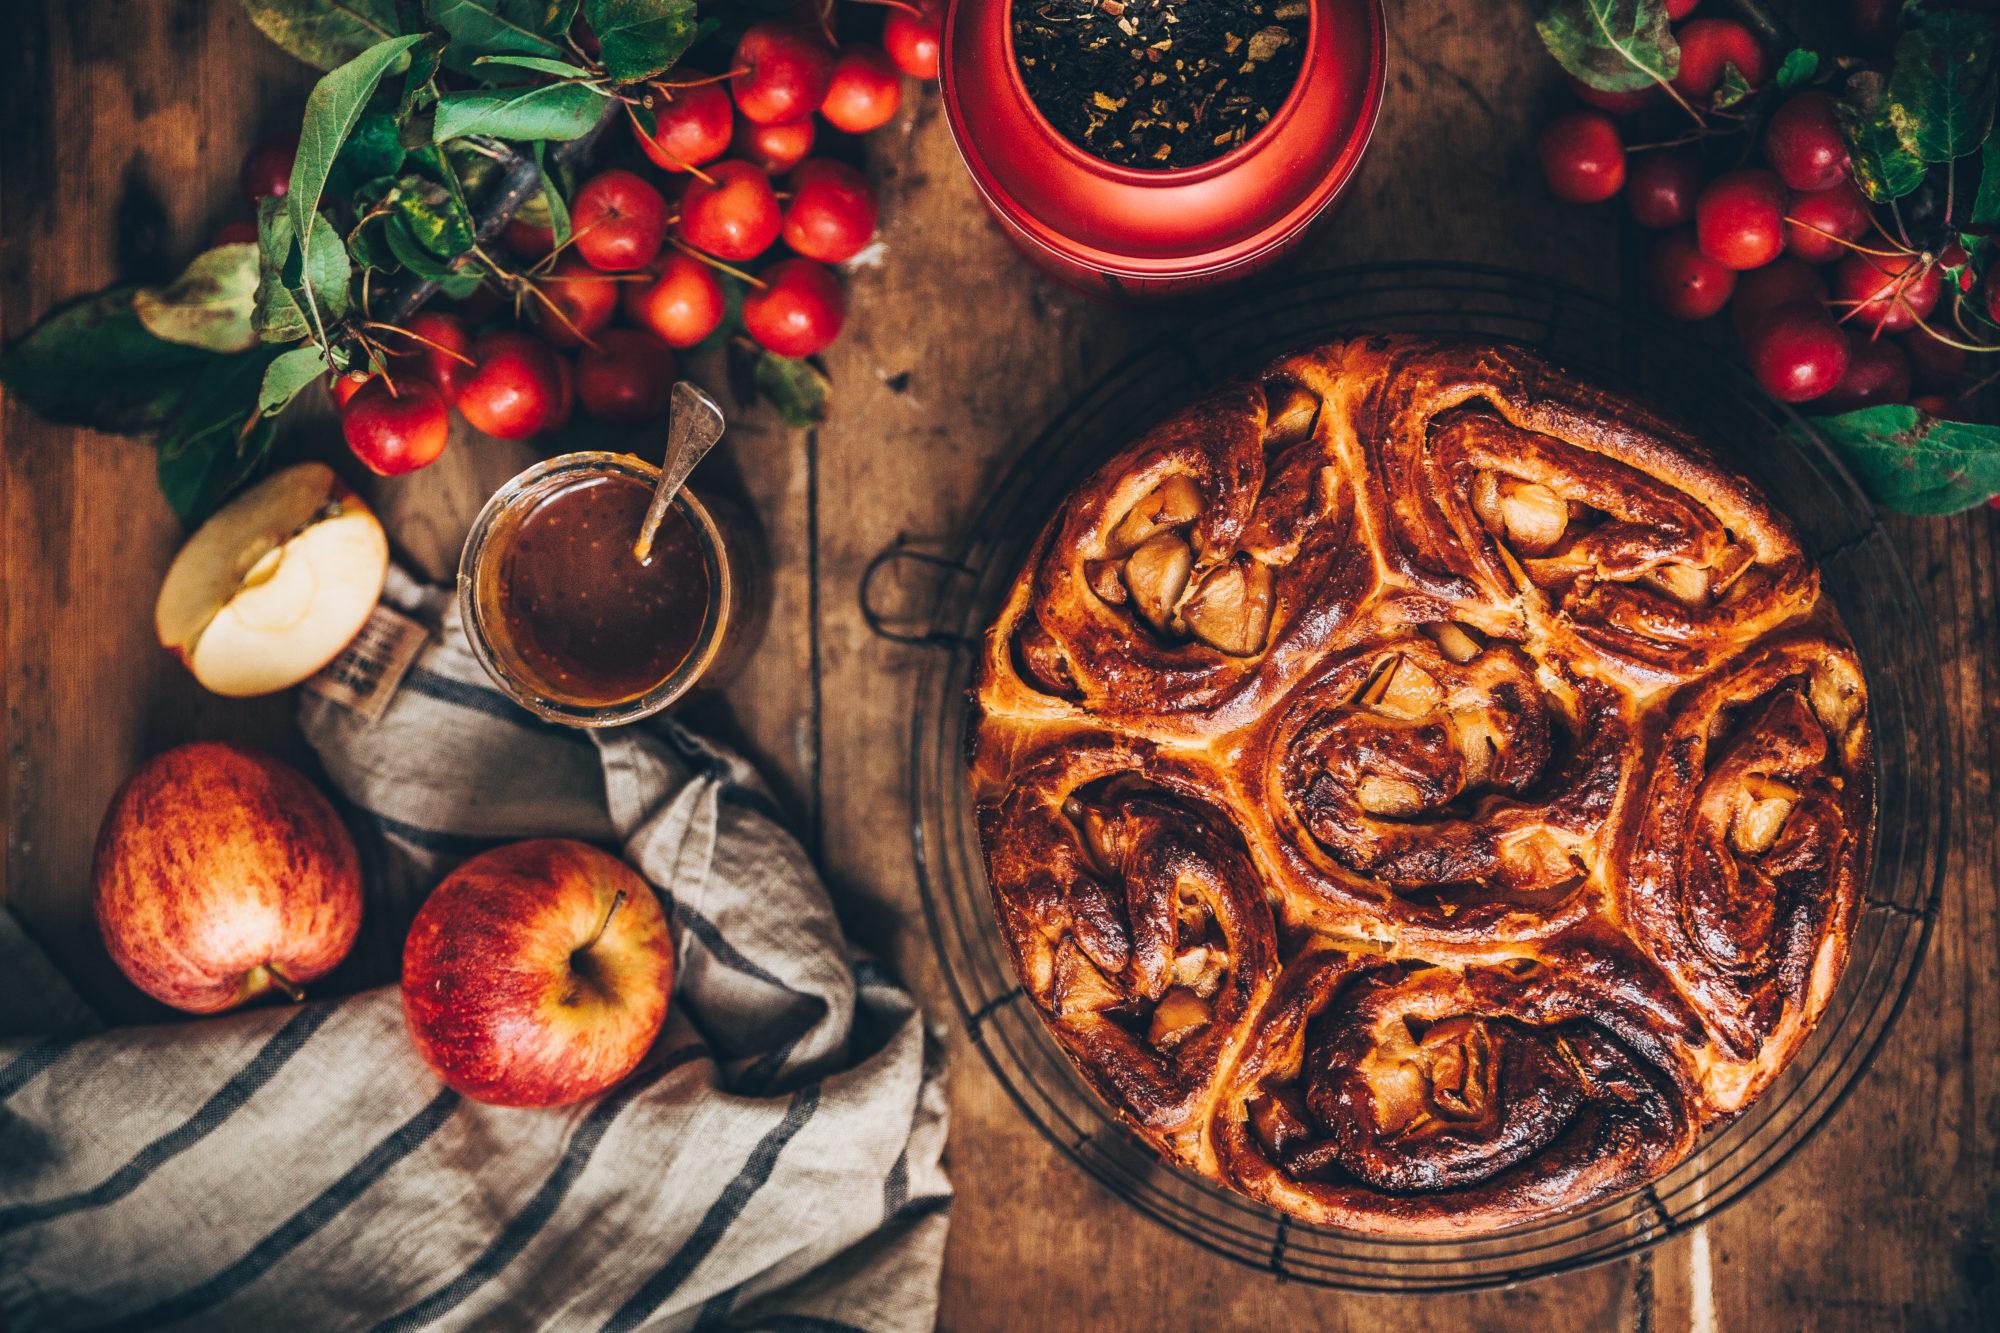 Brioche roulée à la pomme et caramel au thé Tsarevna